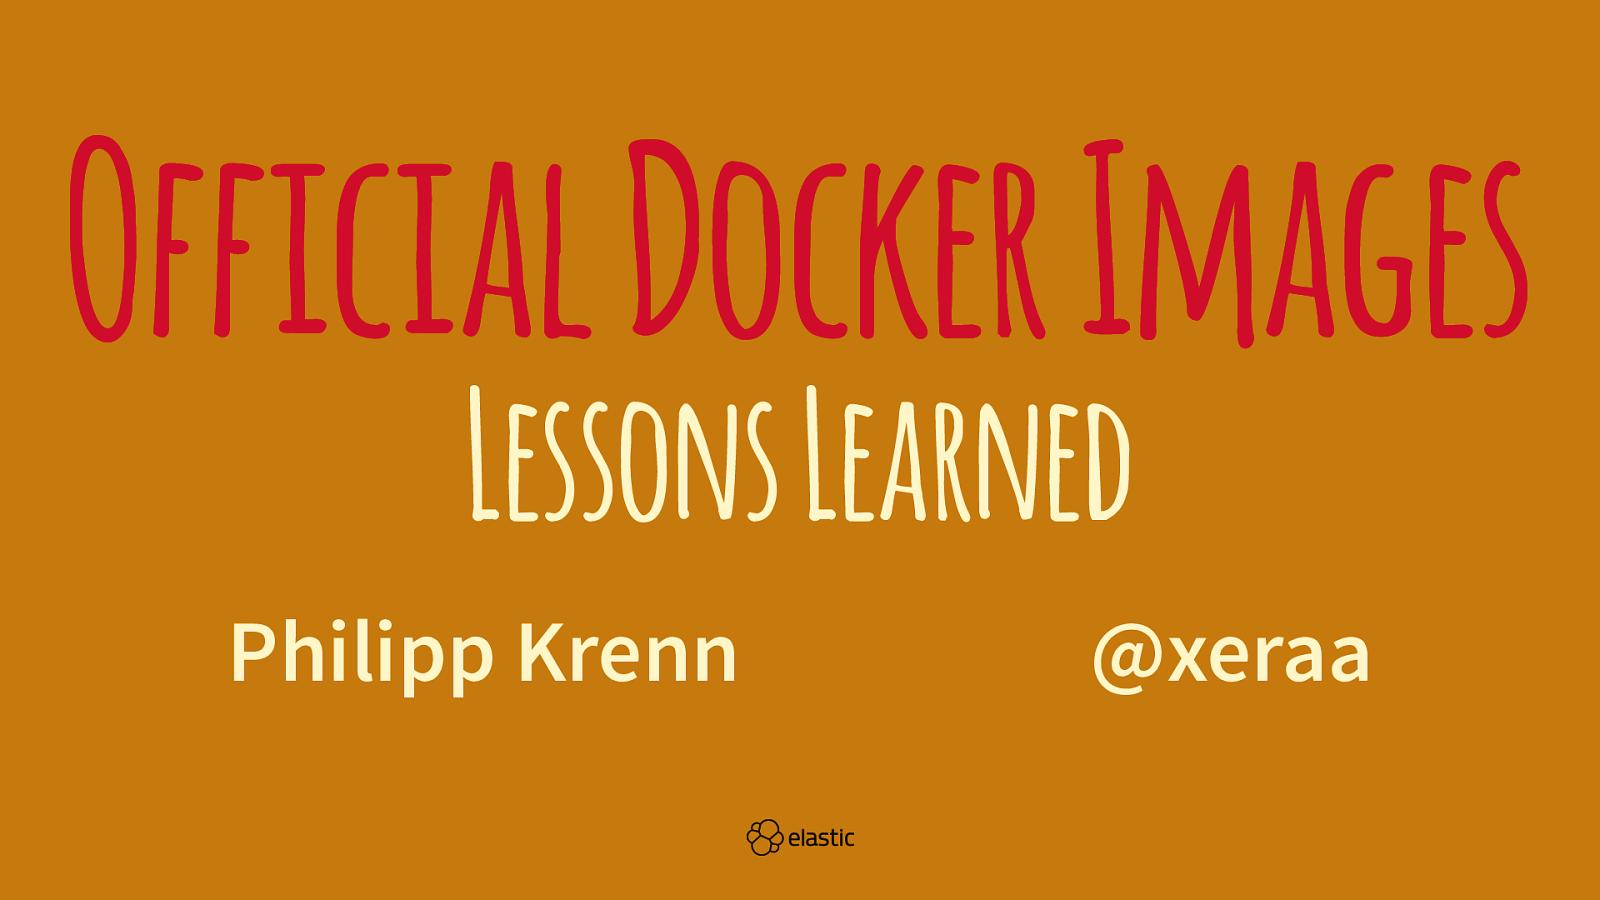 Official Docker Images – Lessons Learned by Philipp Krenn